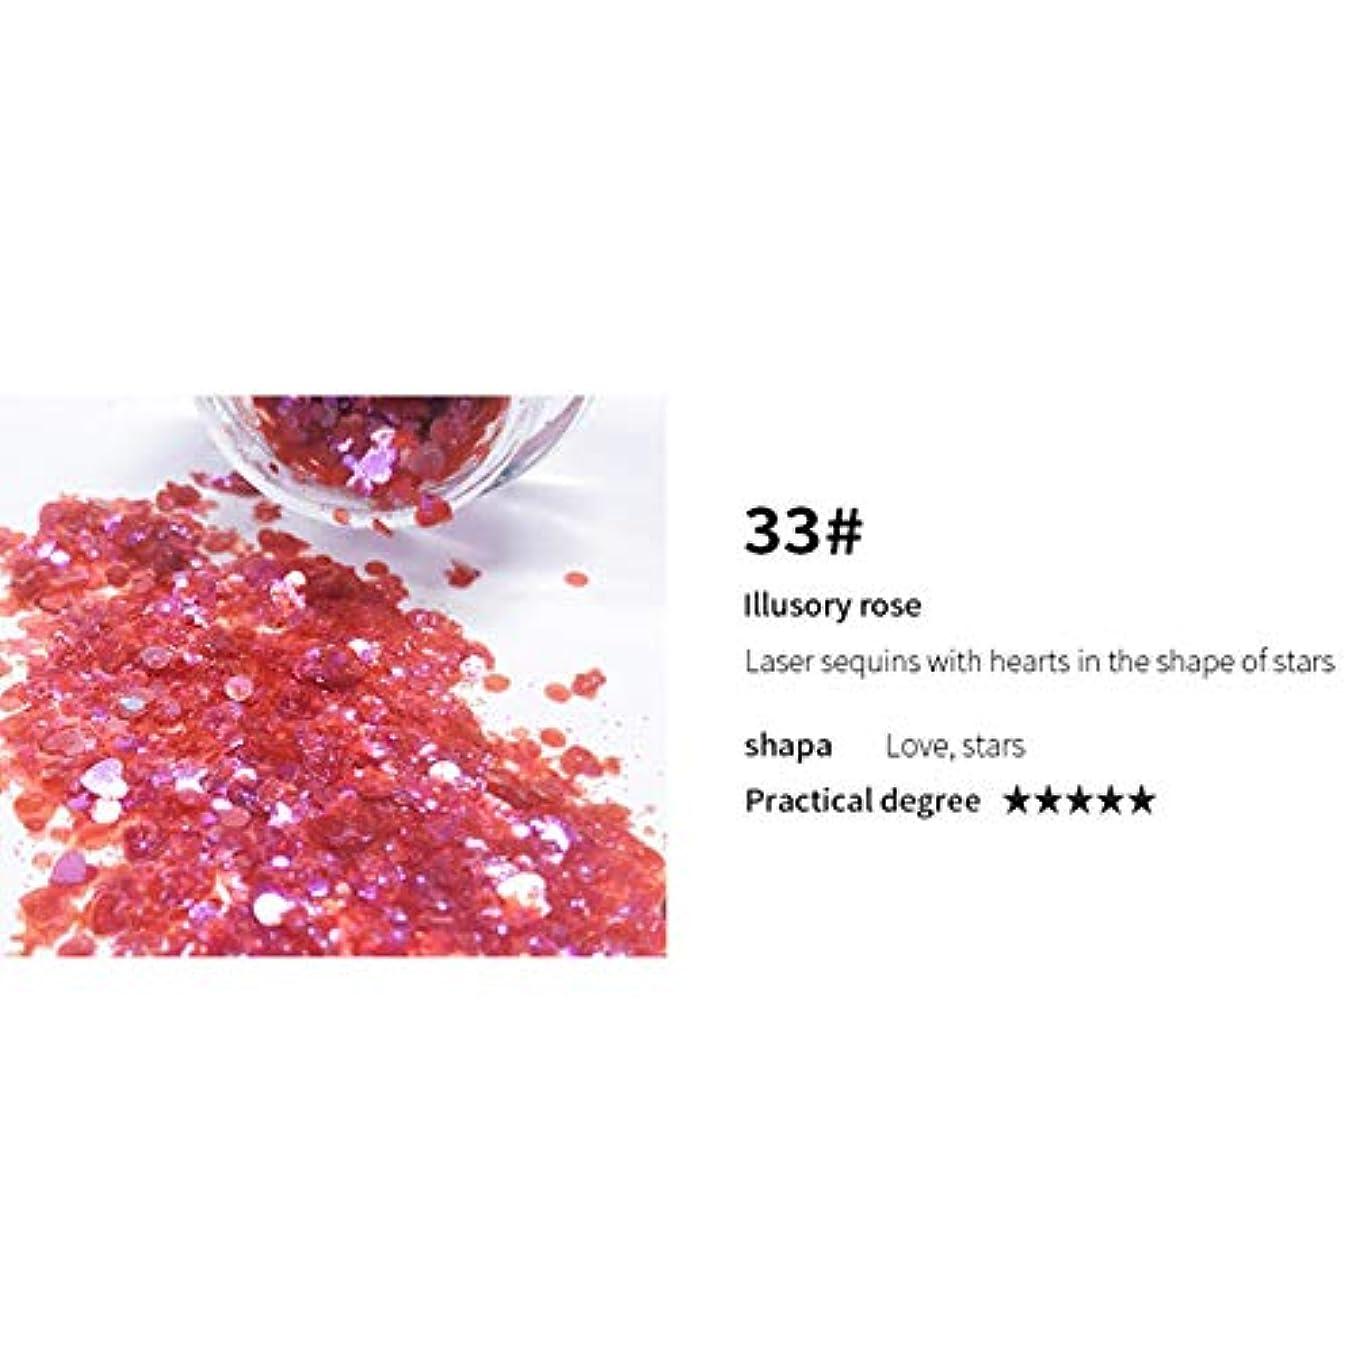 ACHICOO キラキラパウダー 34色 スパンコール パーティーメイク 輝く カラフル 顔·目·リップ·ボディ·ヘアグリッターフラッシュ ネイル化粧品 ファッション 女性 33#